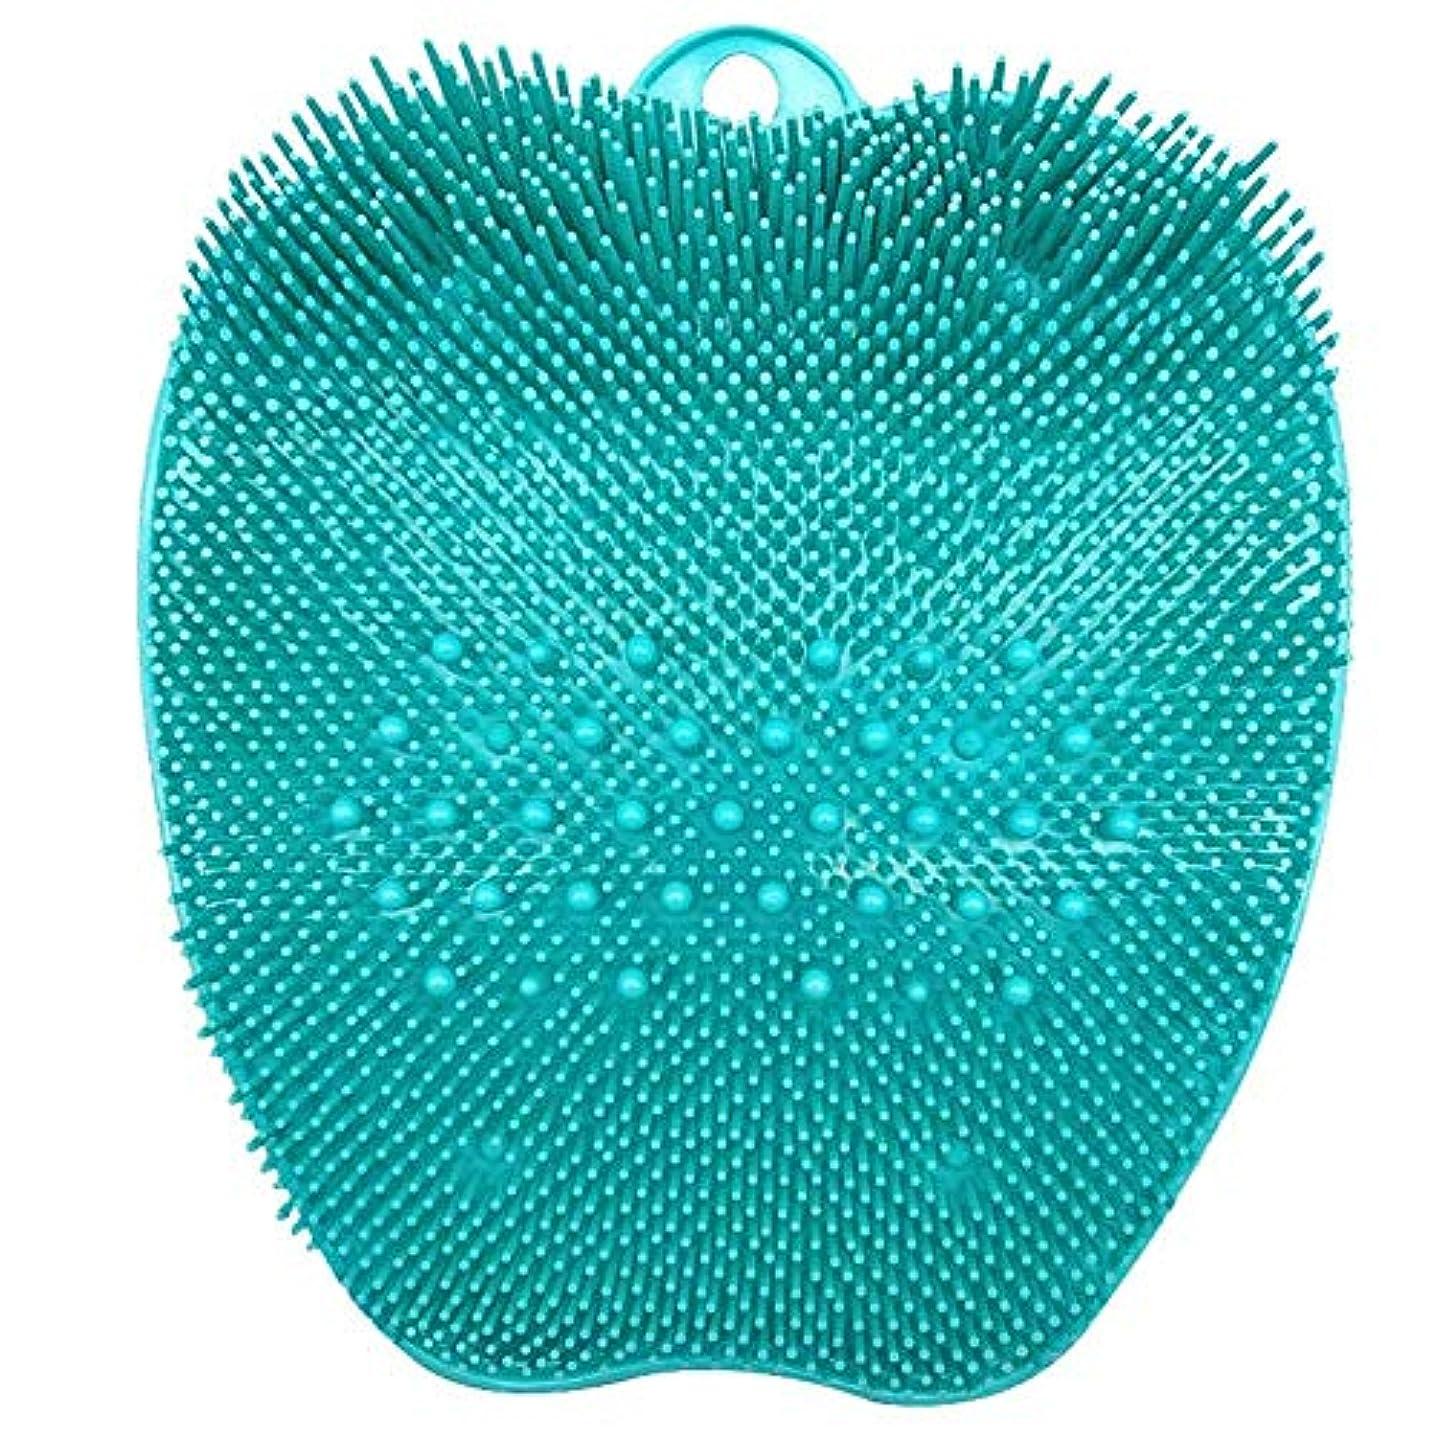 経験シュリンククレデンシャルCatChi フットブラシ 足洗いマット 汚れ除去 足裏マッサージ 角質ケアブラシ ストレス解消 お風呂用